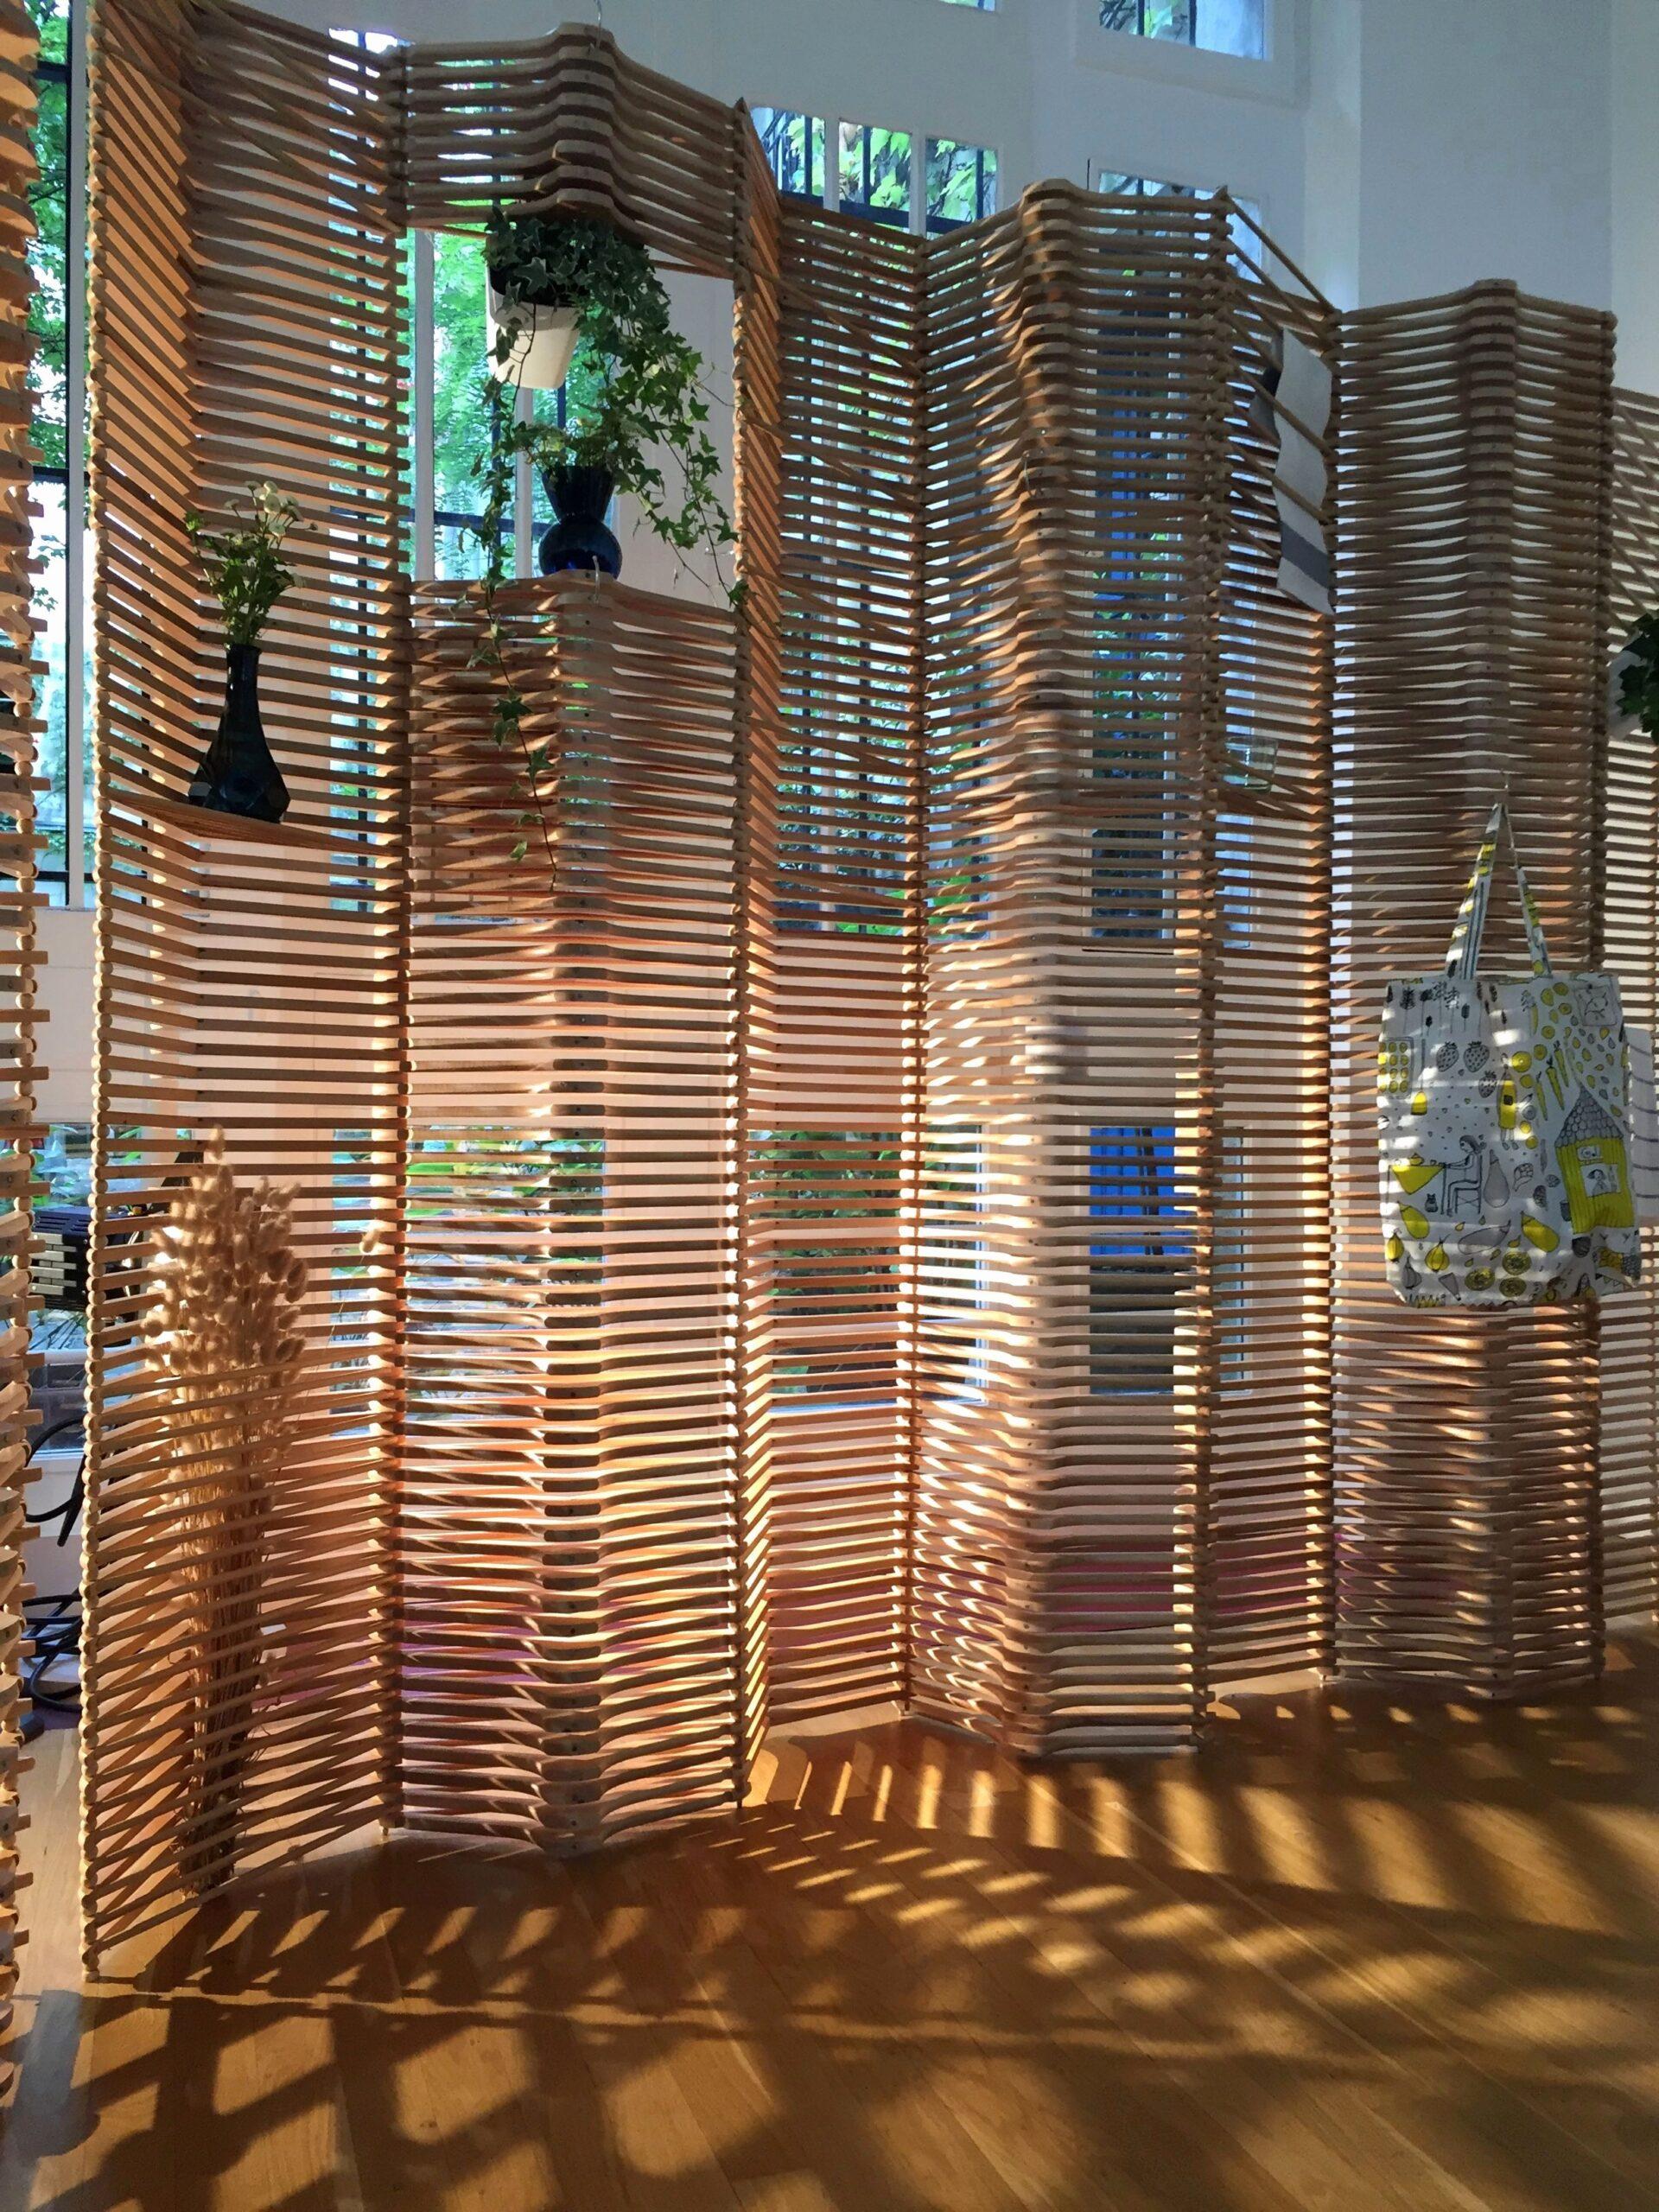 Full Size of Bildergebnis Fr Bambus Ikea Mit Bildern Küche Kosten Betten Bei 160x200 Sofa Schlaffunktion Garten Paravent Kaufen Miniküche Modulküche Wohnzimmer Paravent Balkon Ikea